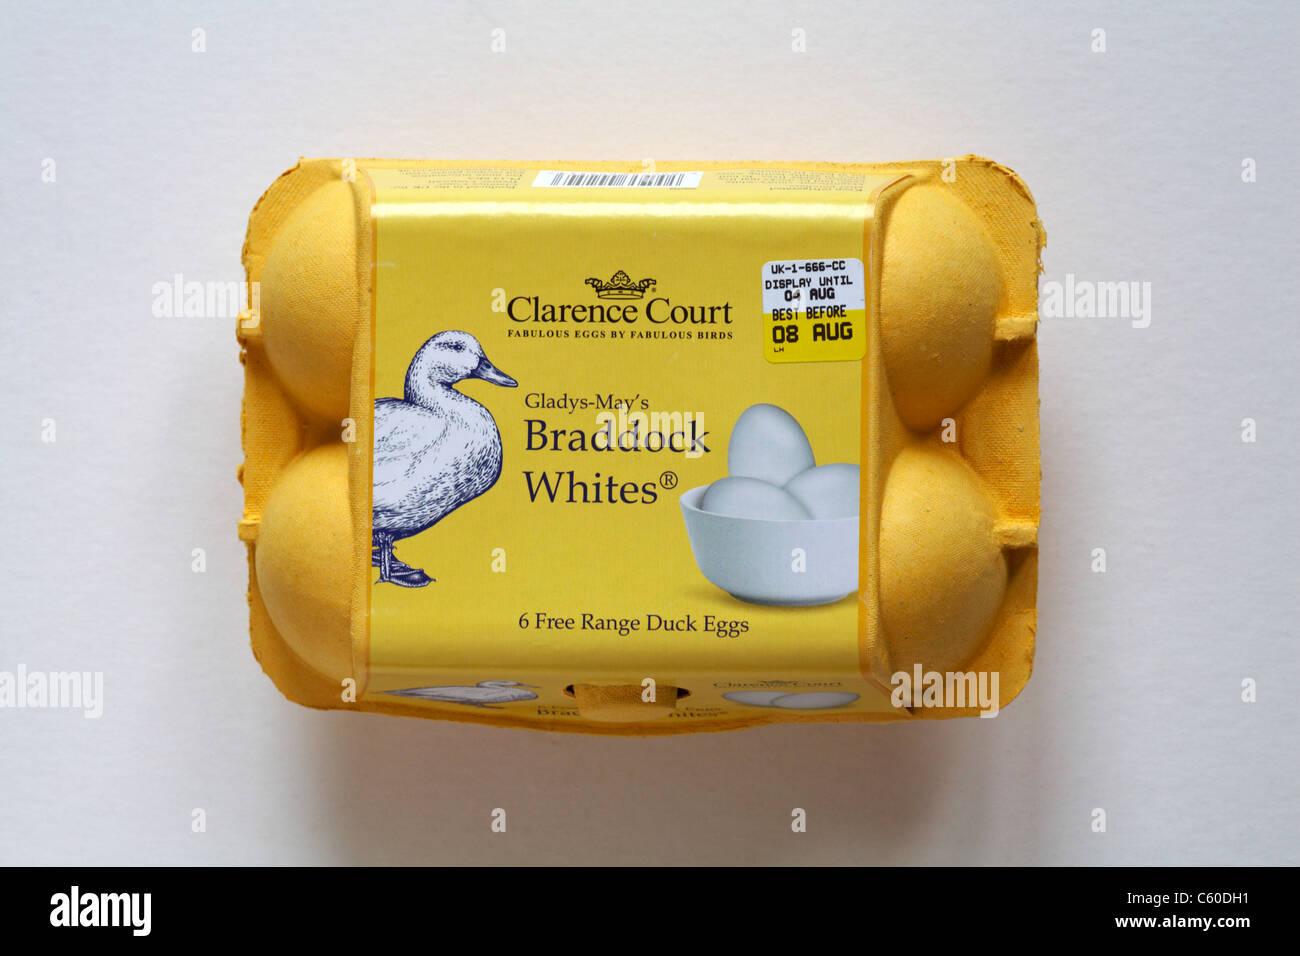 Carton of Clarence Court Gladys-Mays Braddock Whites 6 free range duck eggs isolated on white background - egg box - Stock Image